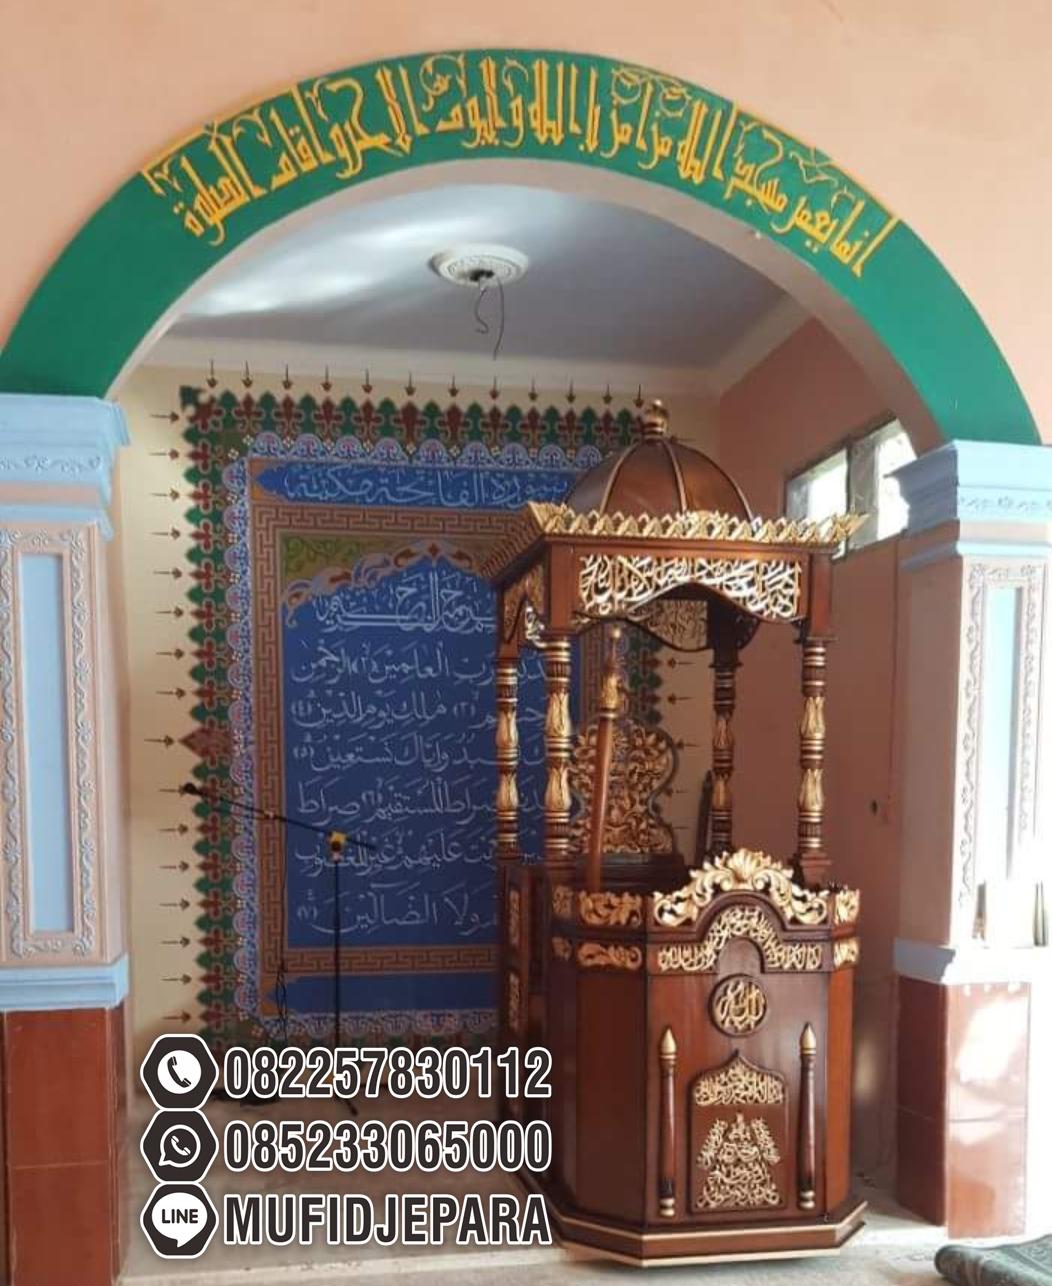 Mimbar Podium Kayu Ornamen Ukiran Masjid Wilayah Tulungagung